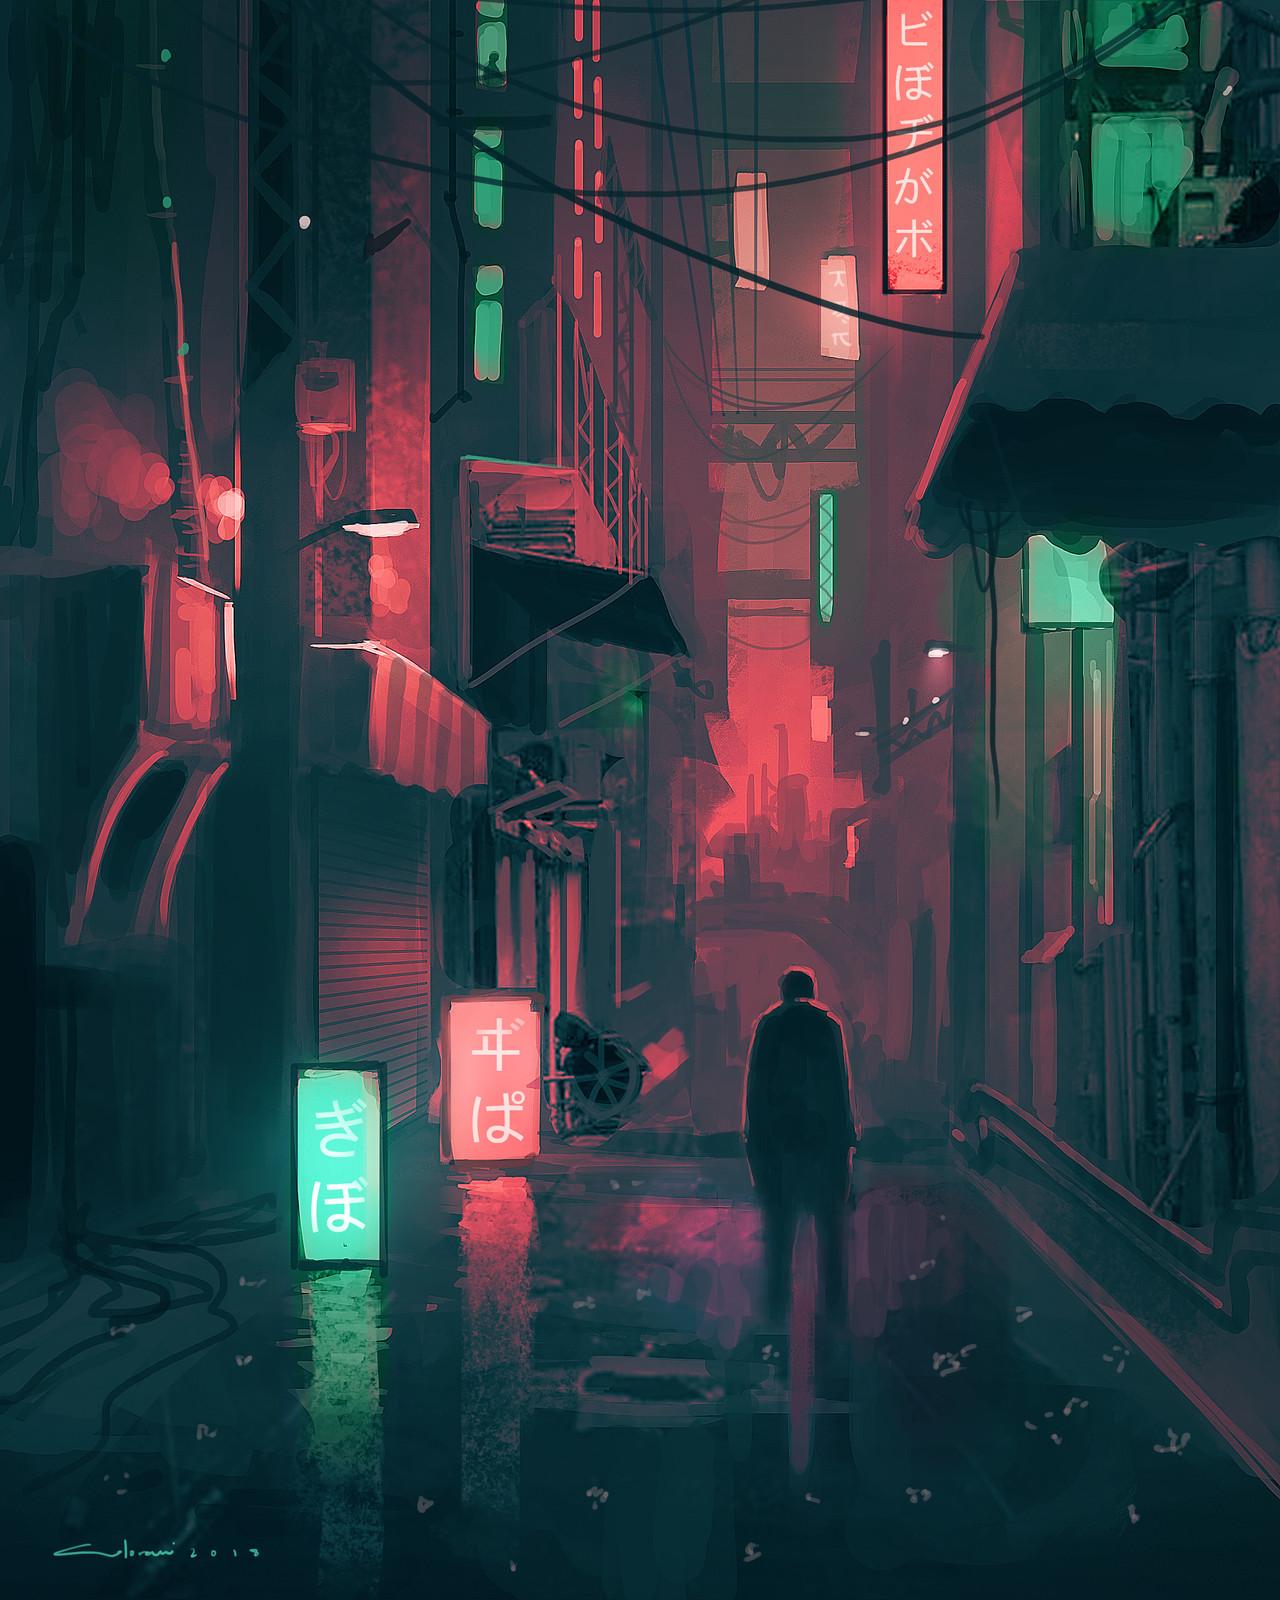 Alone in Shinjuku